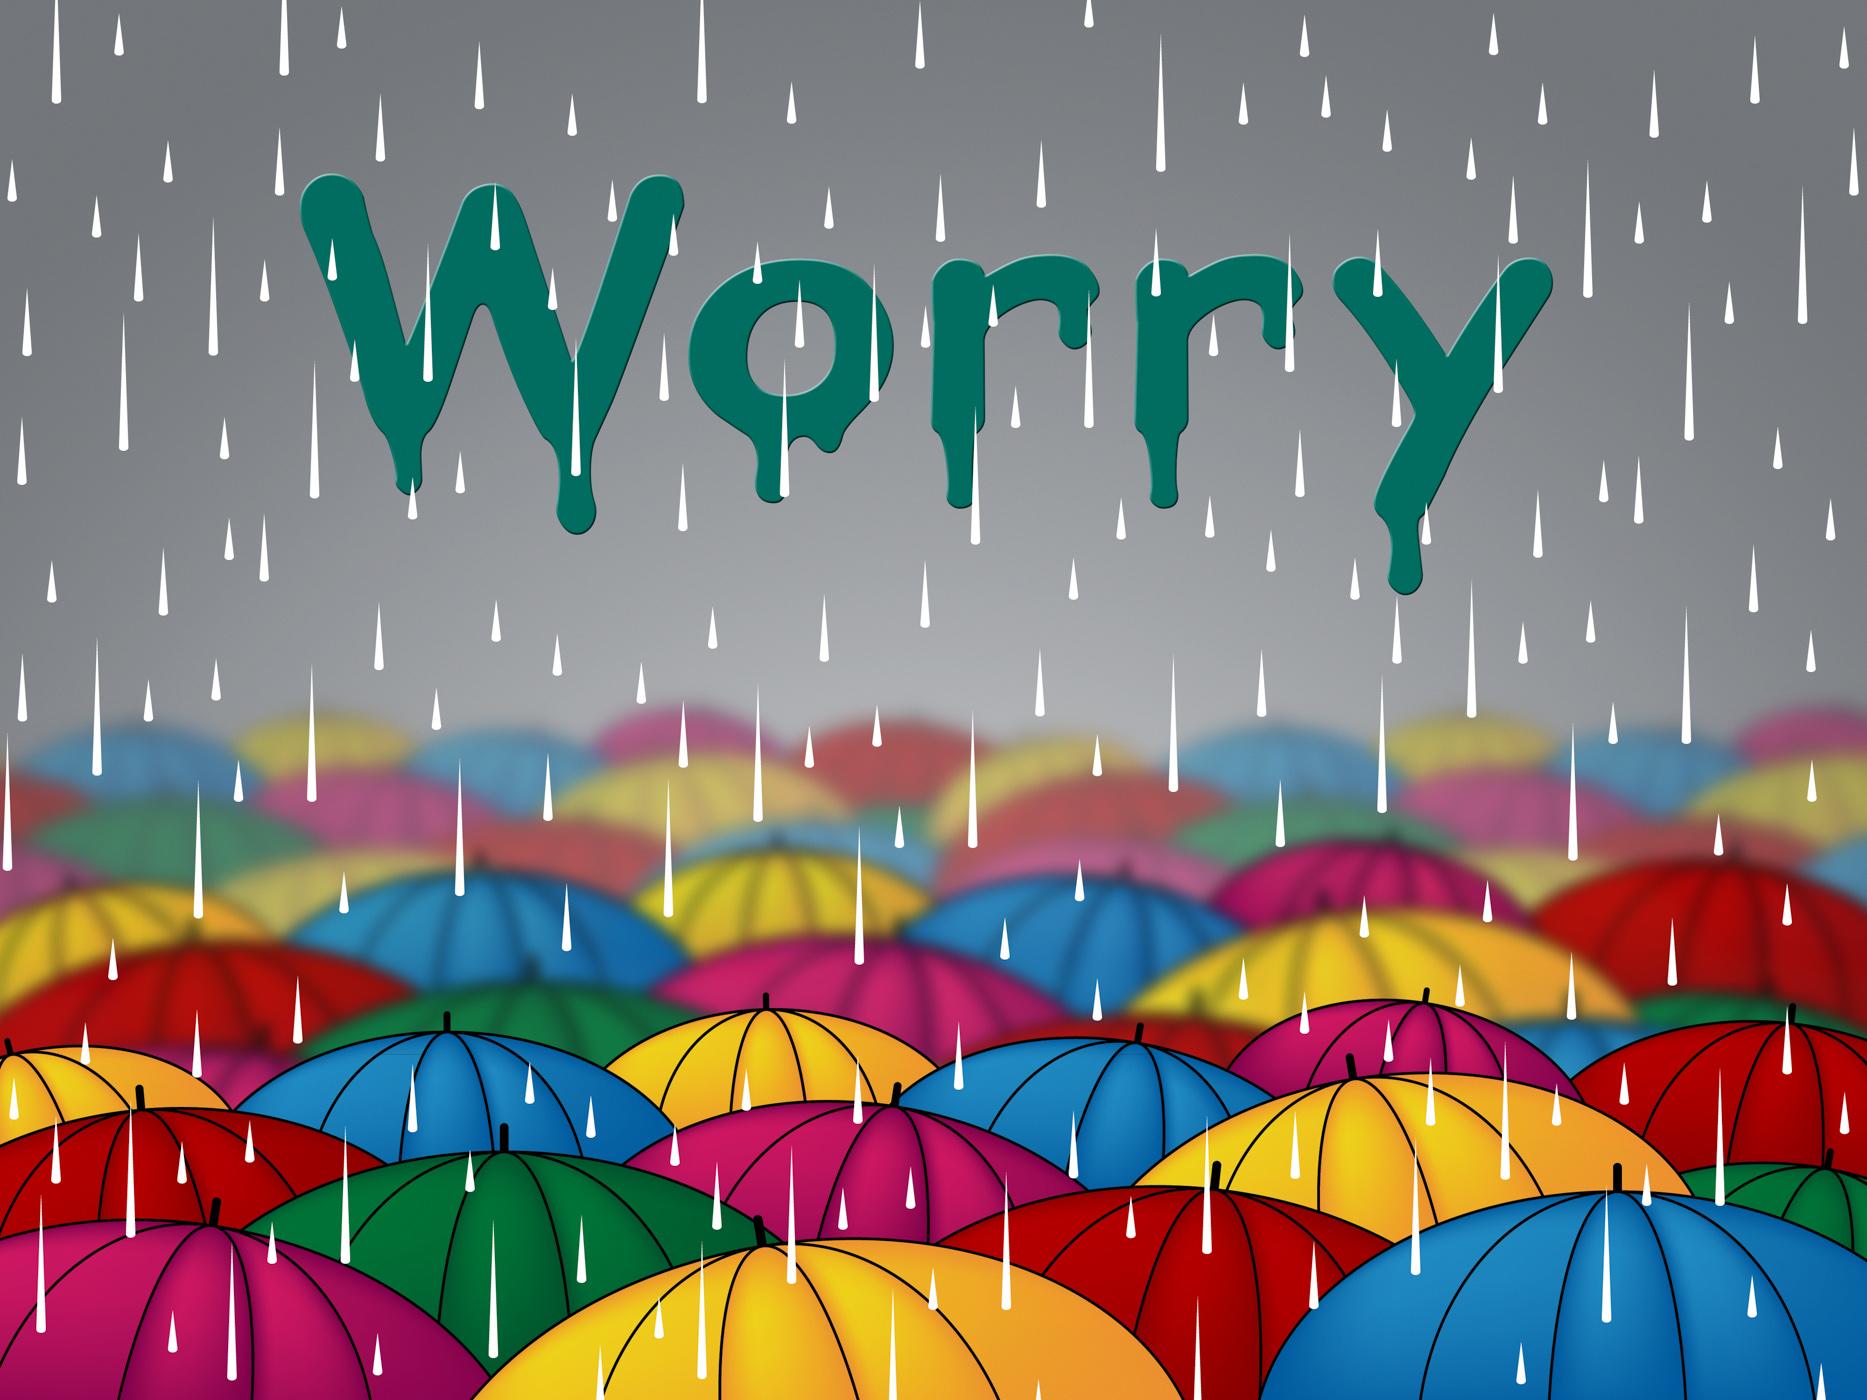 Worry rain shows umbrellas precipitation and umbrella photo